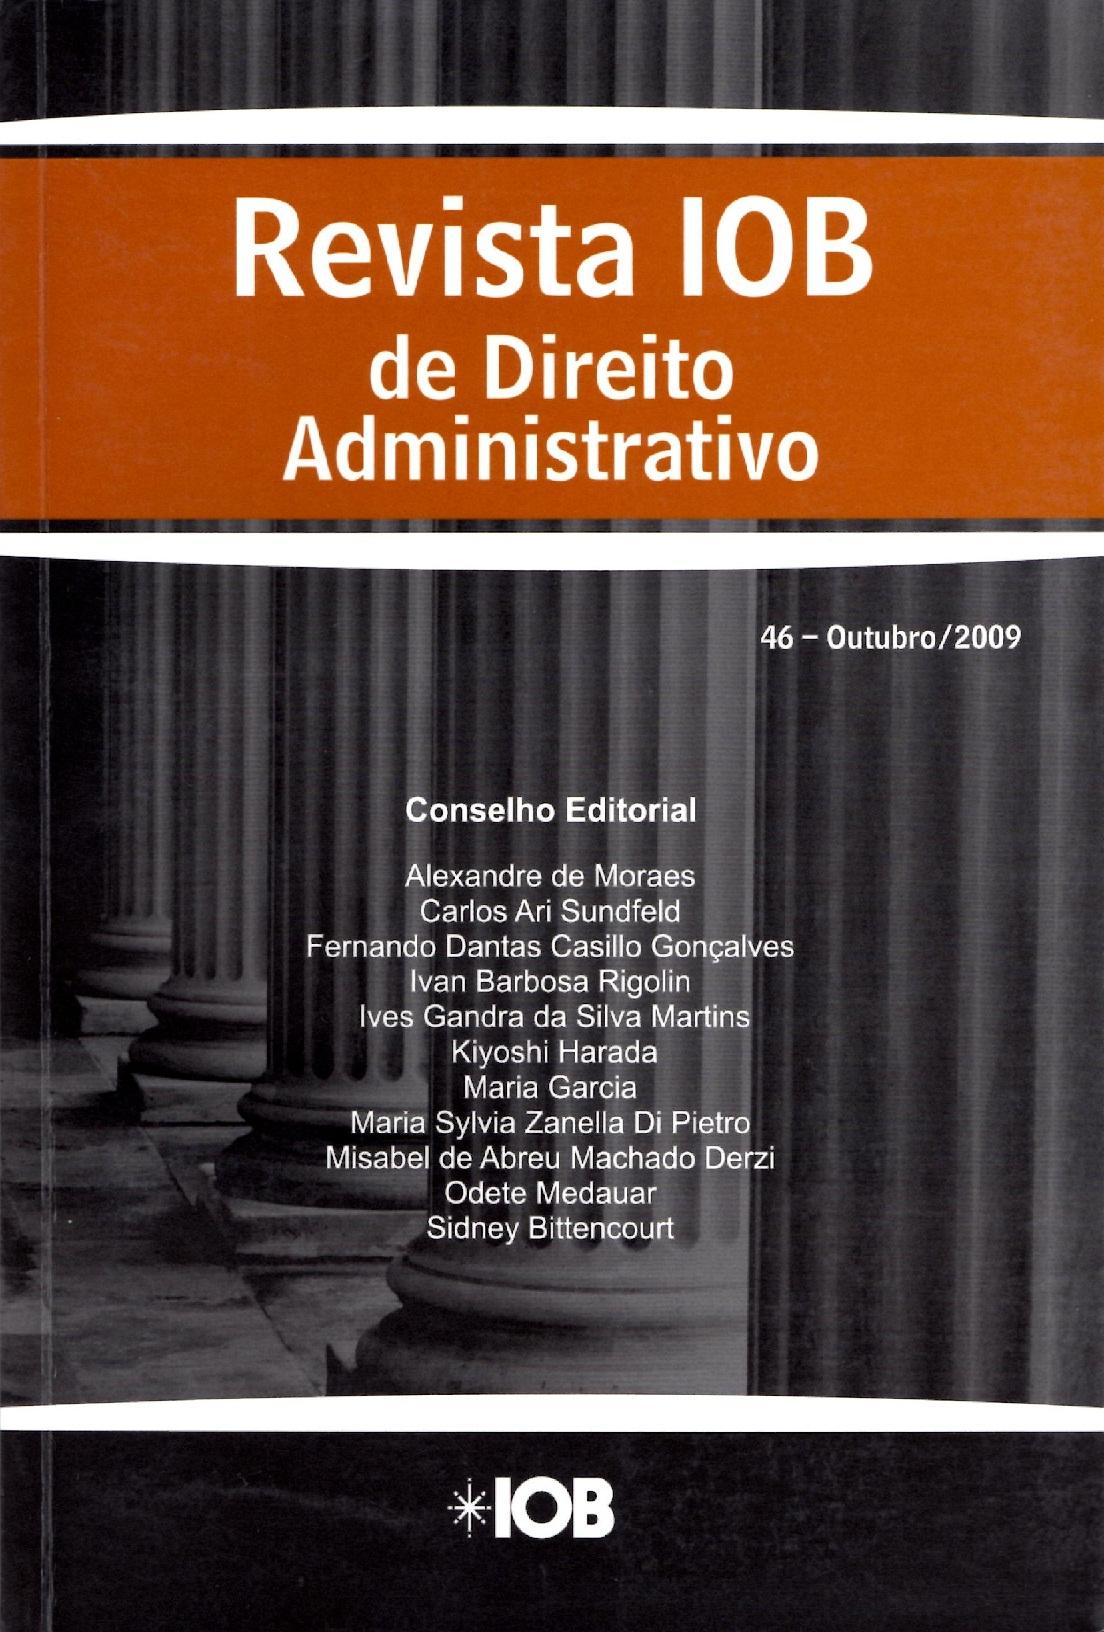 Princípios da Administração Pública e Improbidade Administrativa